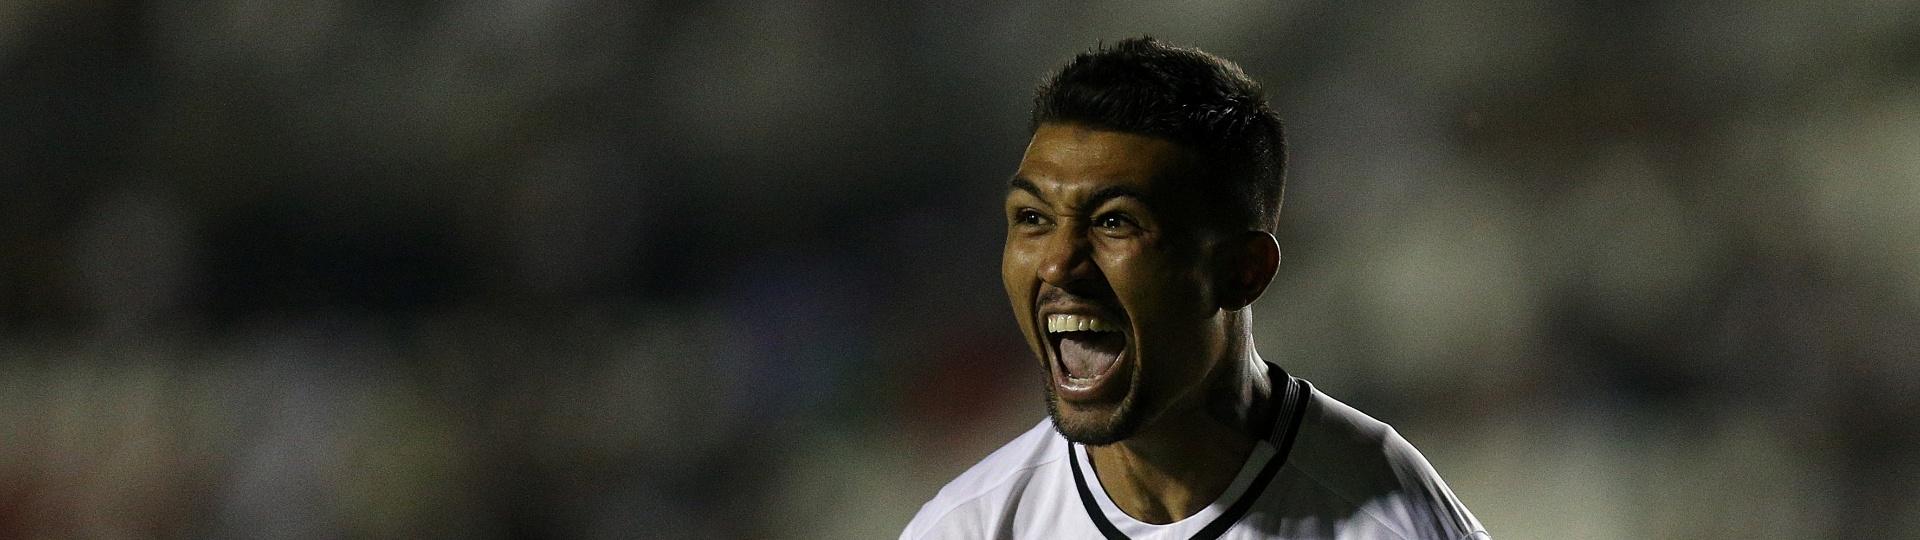 Kieza comemora gol do Botafogo no clássico contra o Vasco, em São Januário